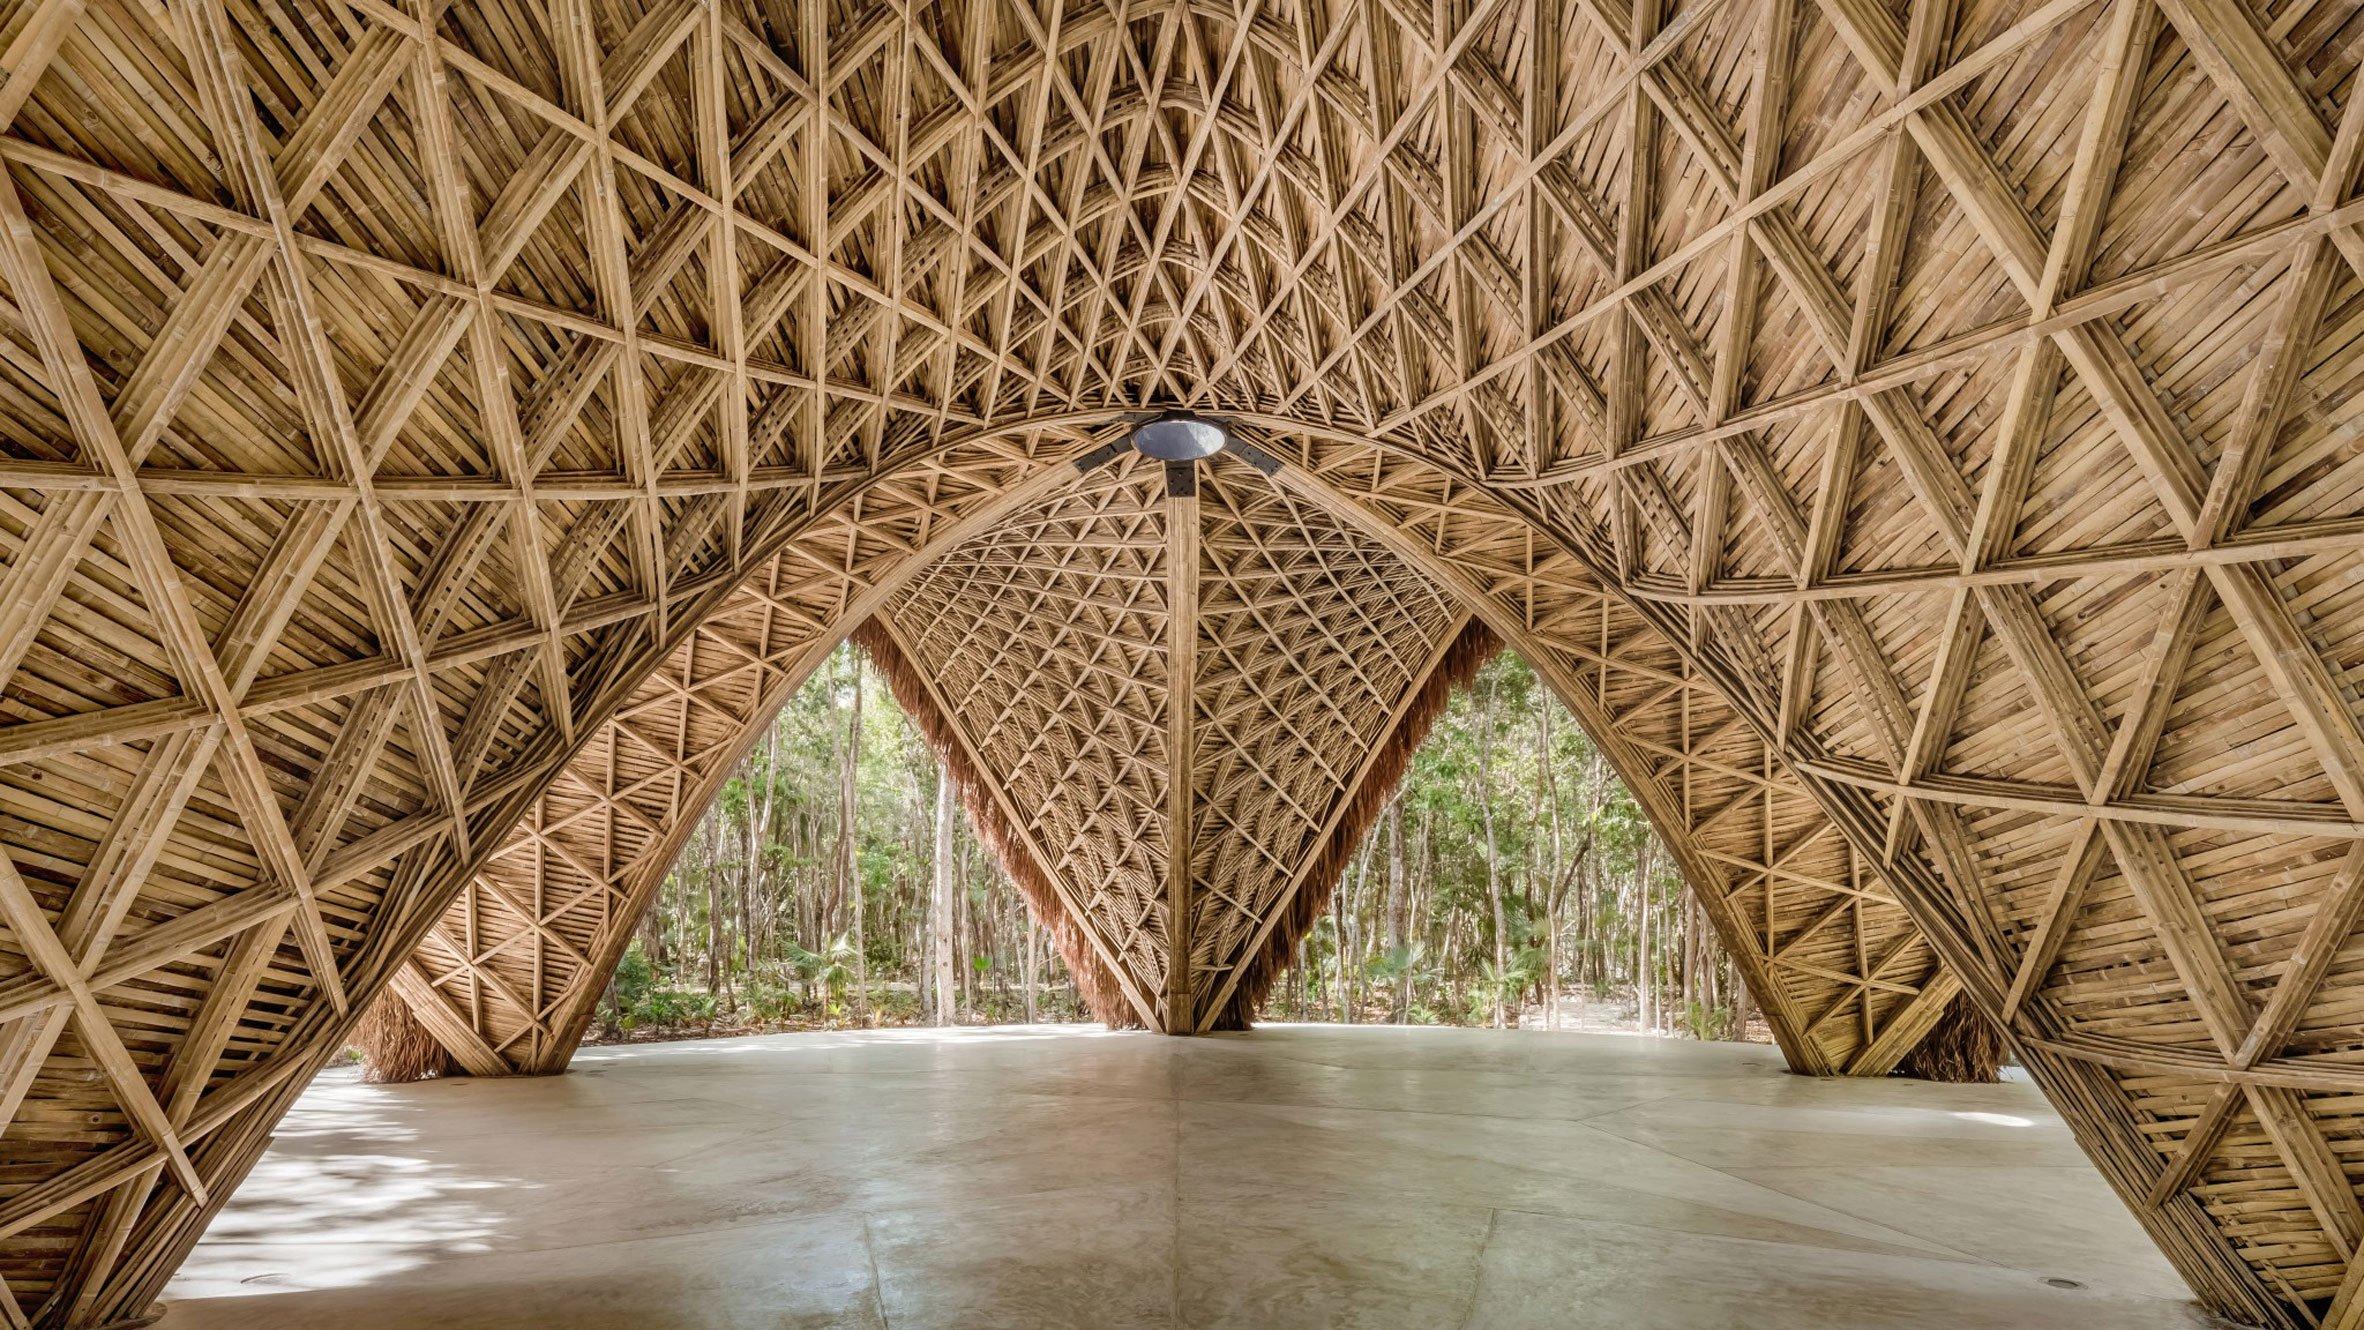 Luum Temple, Tulum, Mexico, byCo-Lab Design Office